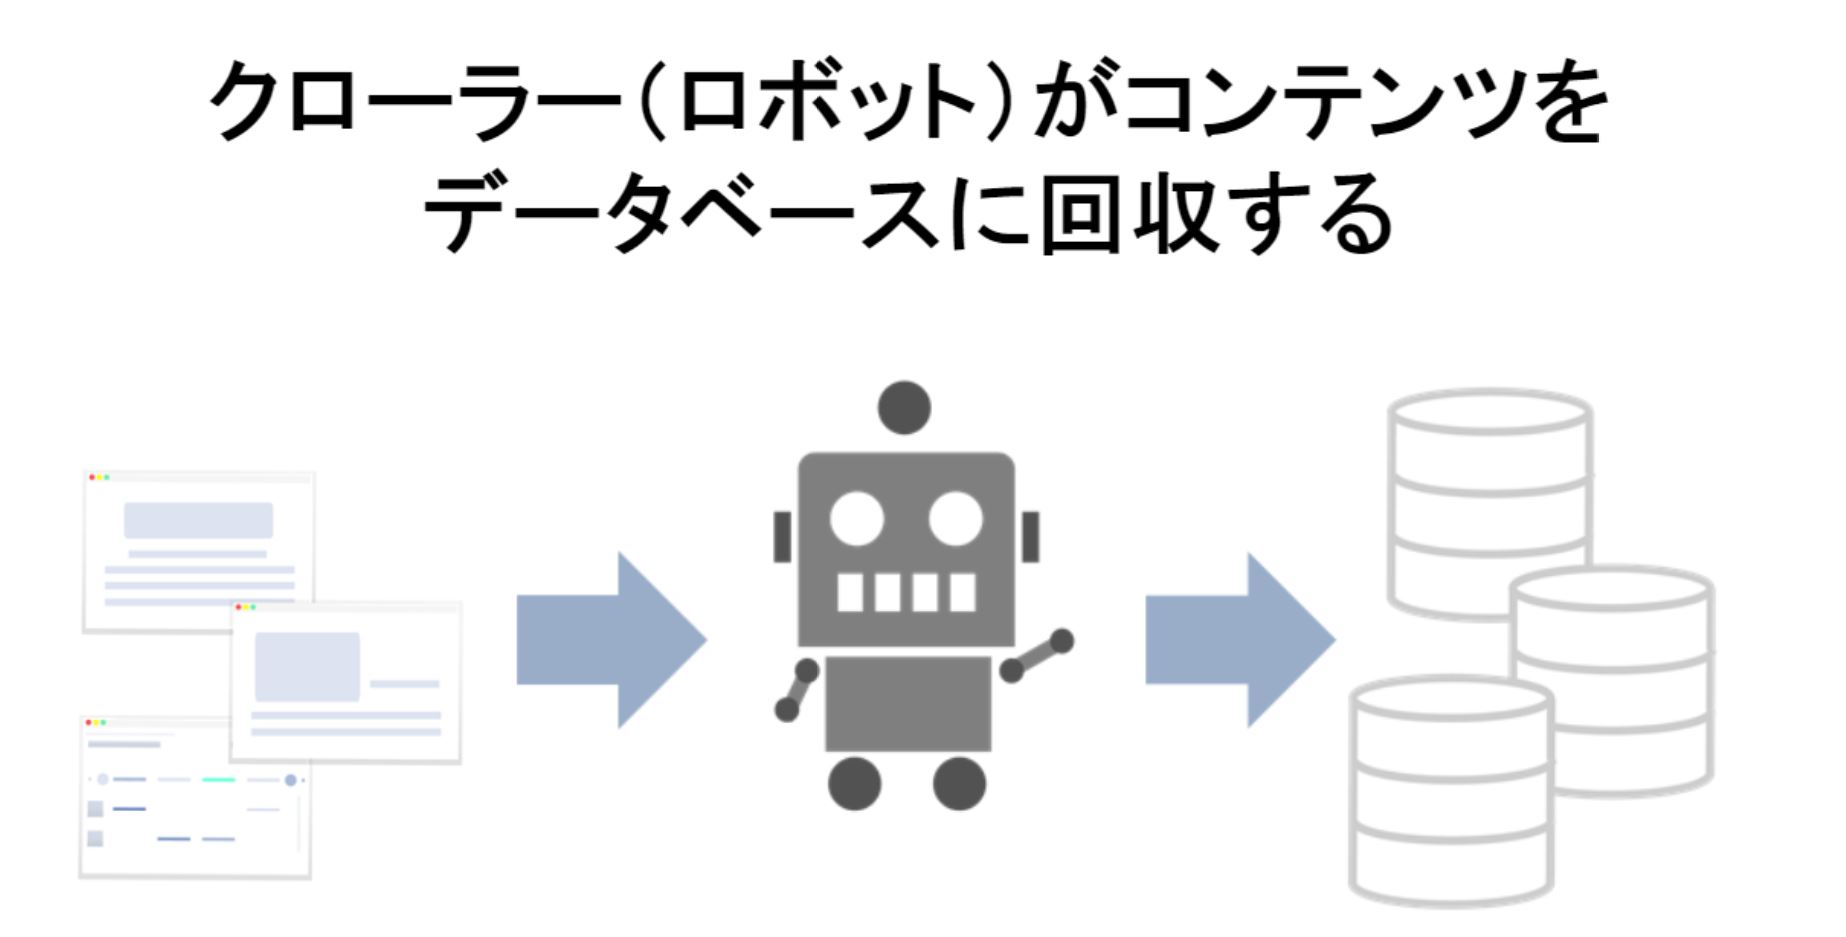 クローラーがコンテンツをデータベースに回収する